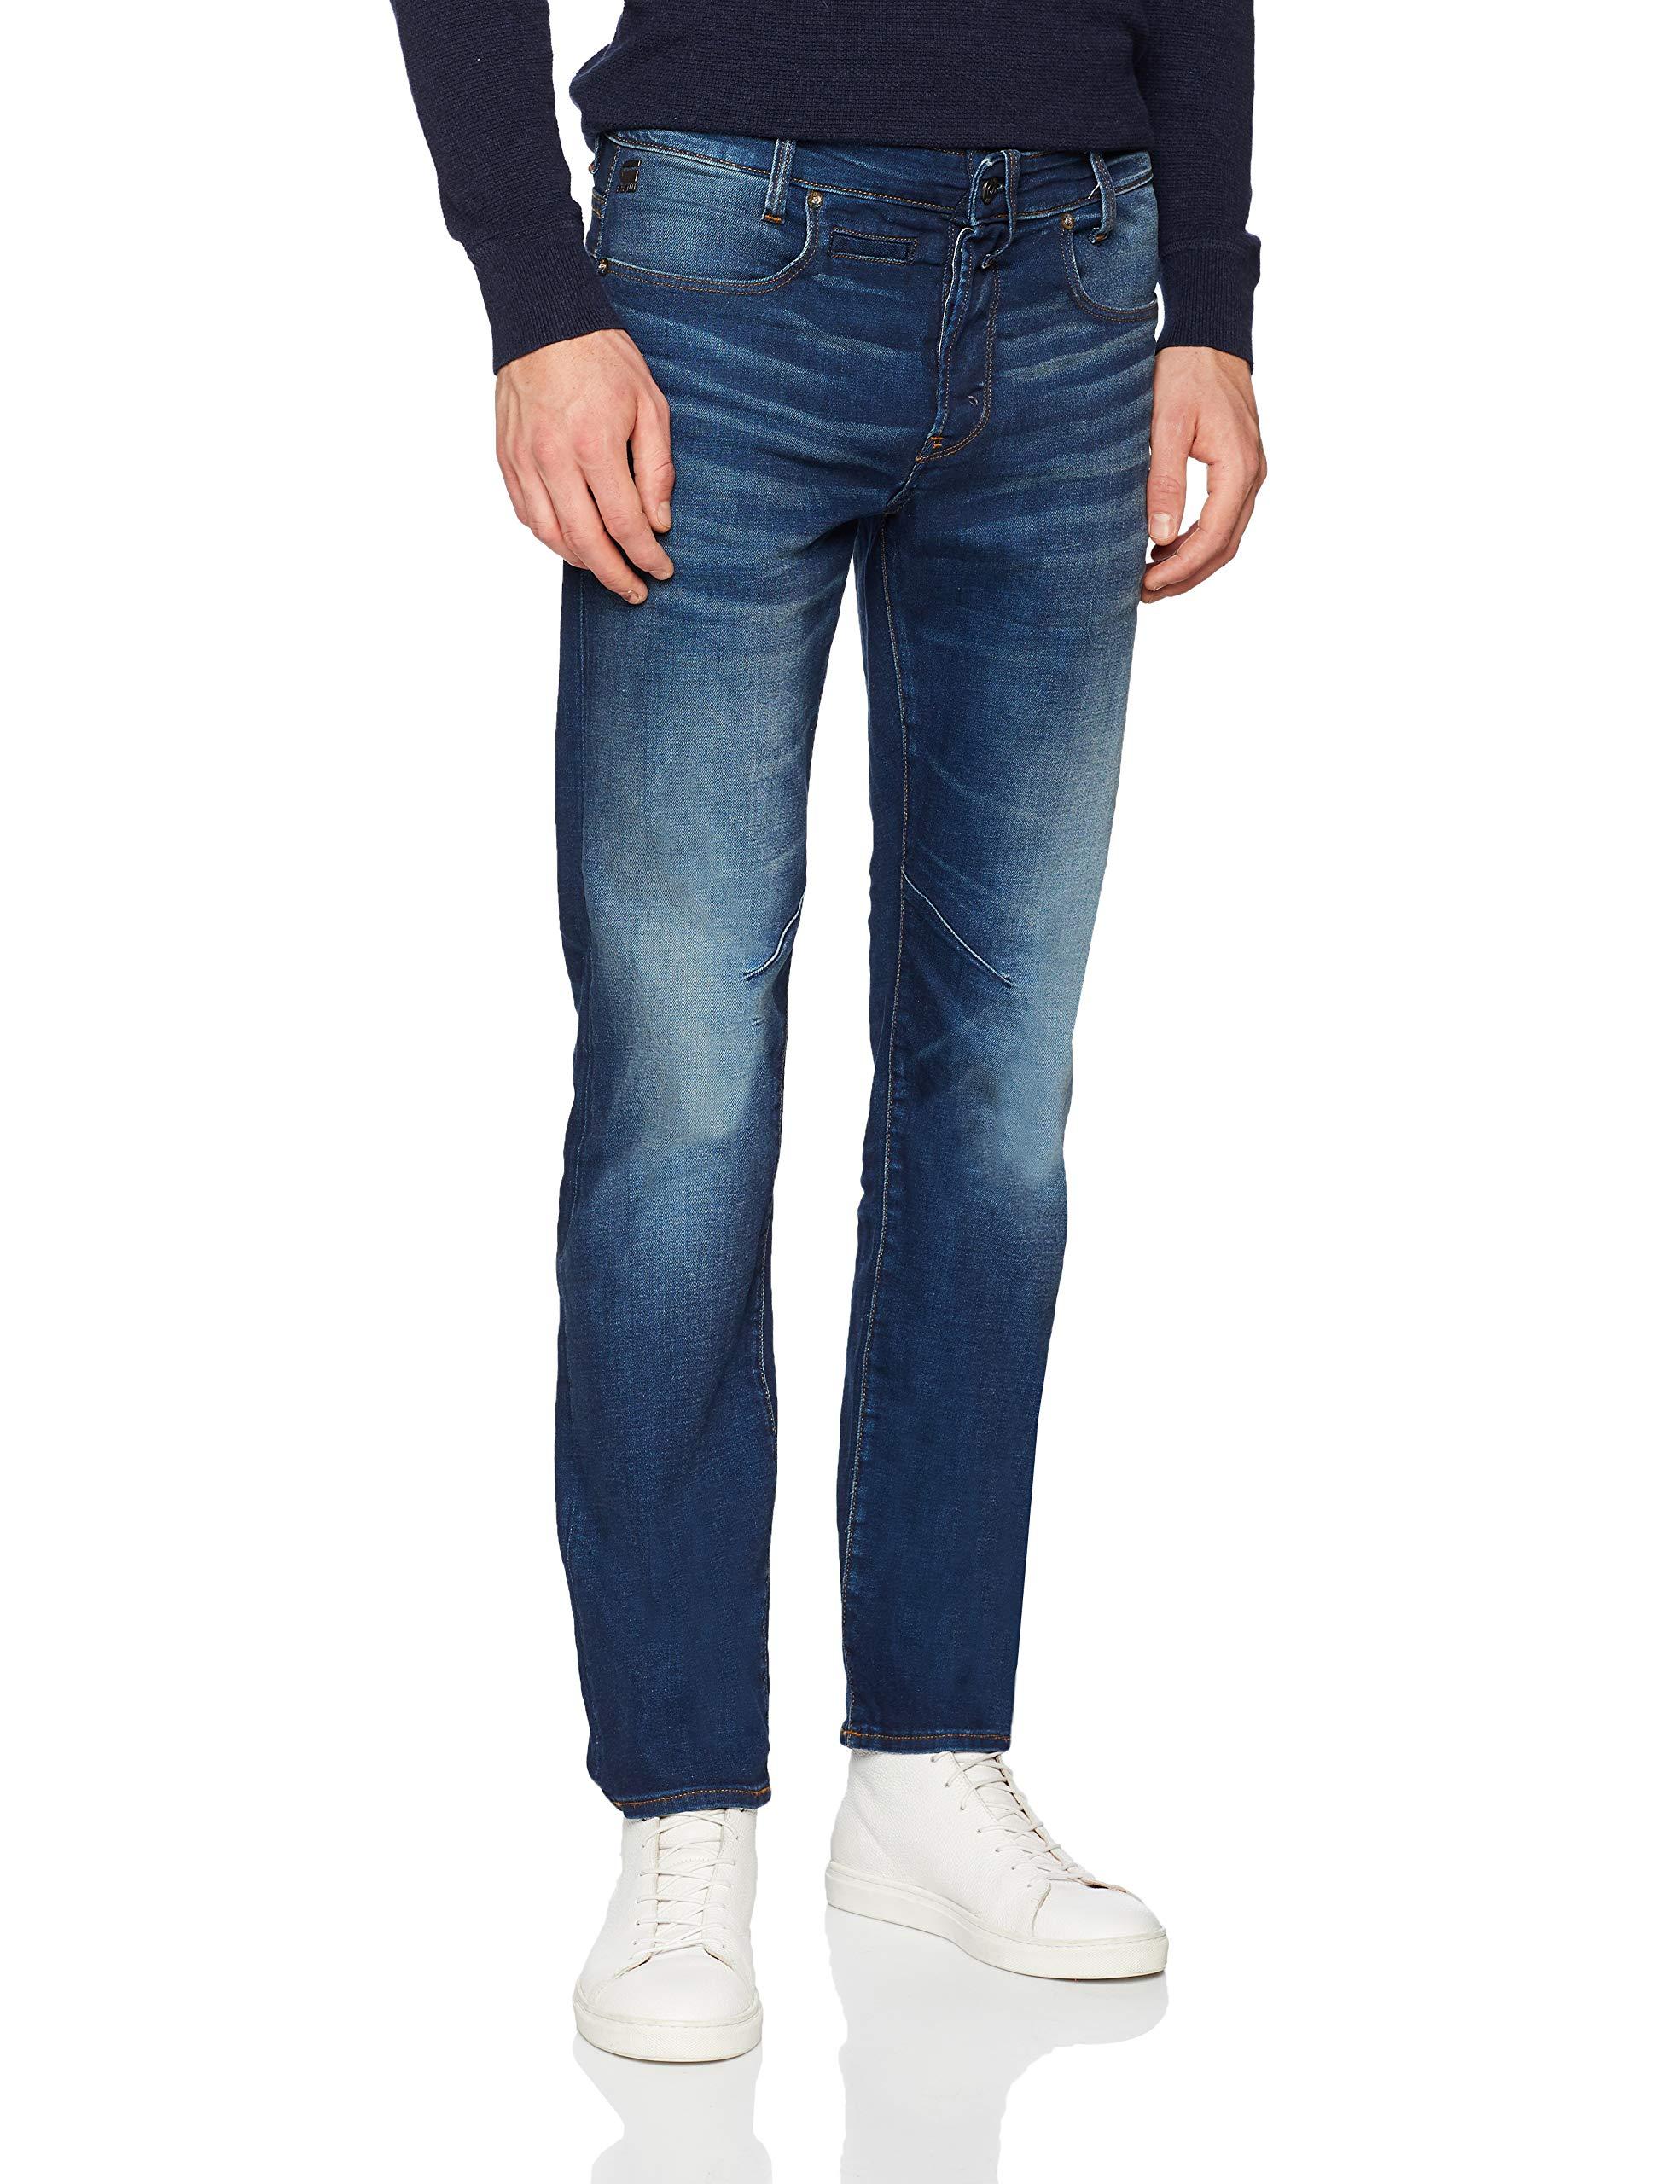 pocket JeansBleudk star Raw A088 Aged DStaq 8933w36l G Homme 5 Straight N8wn0m